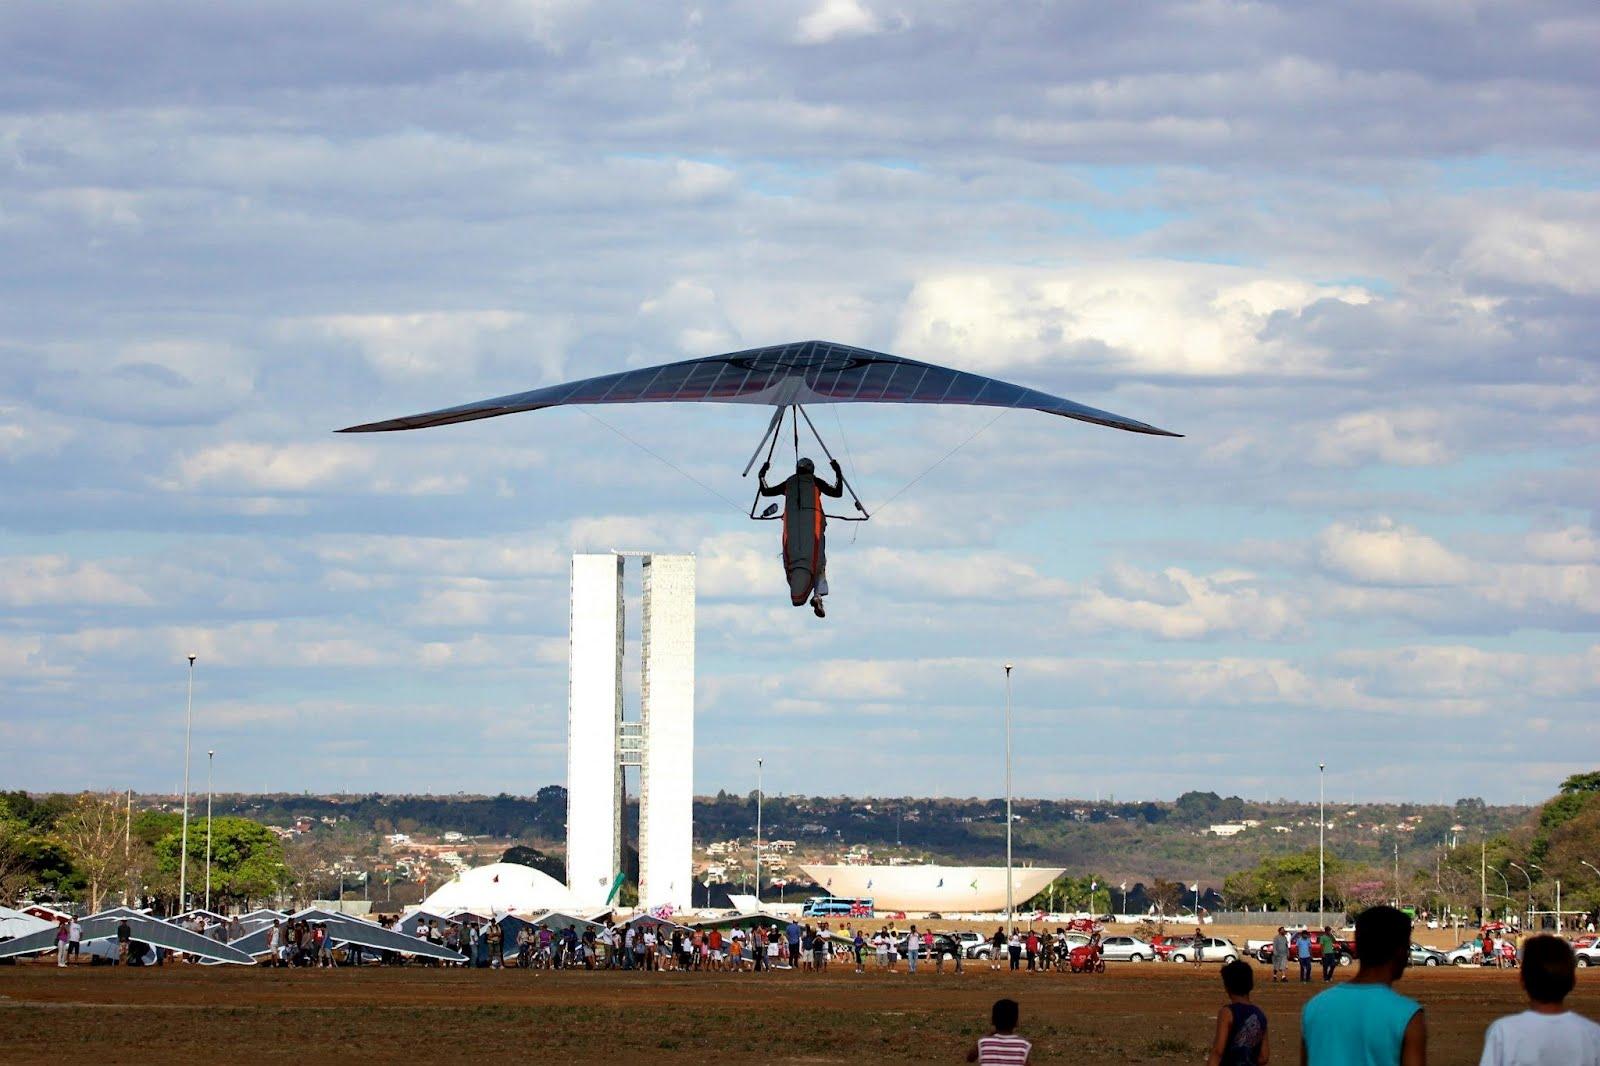 Resultado de imagem para voo livre na esplanada em brasilia